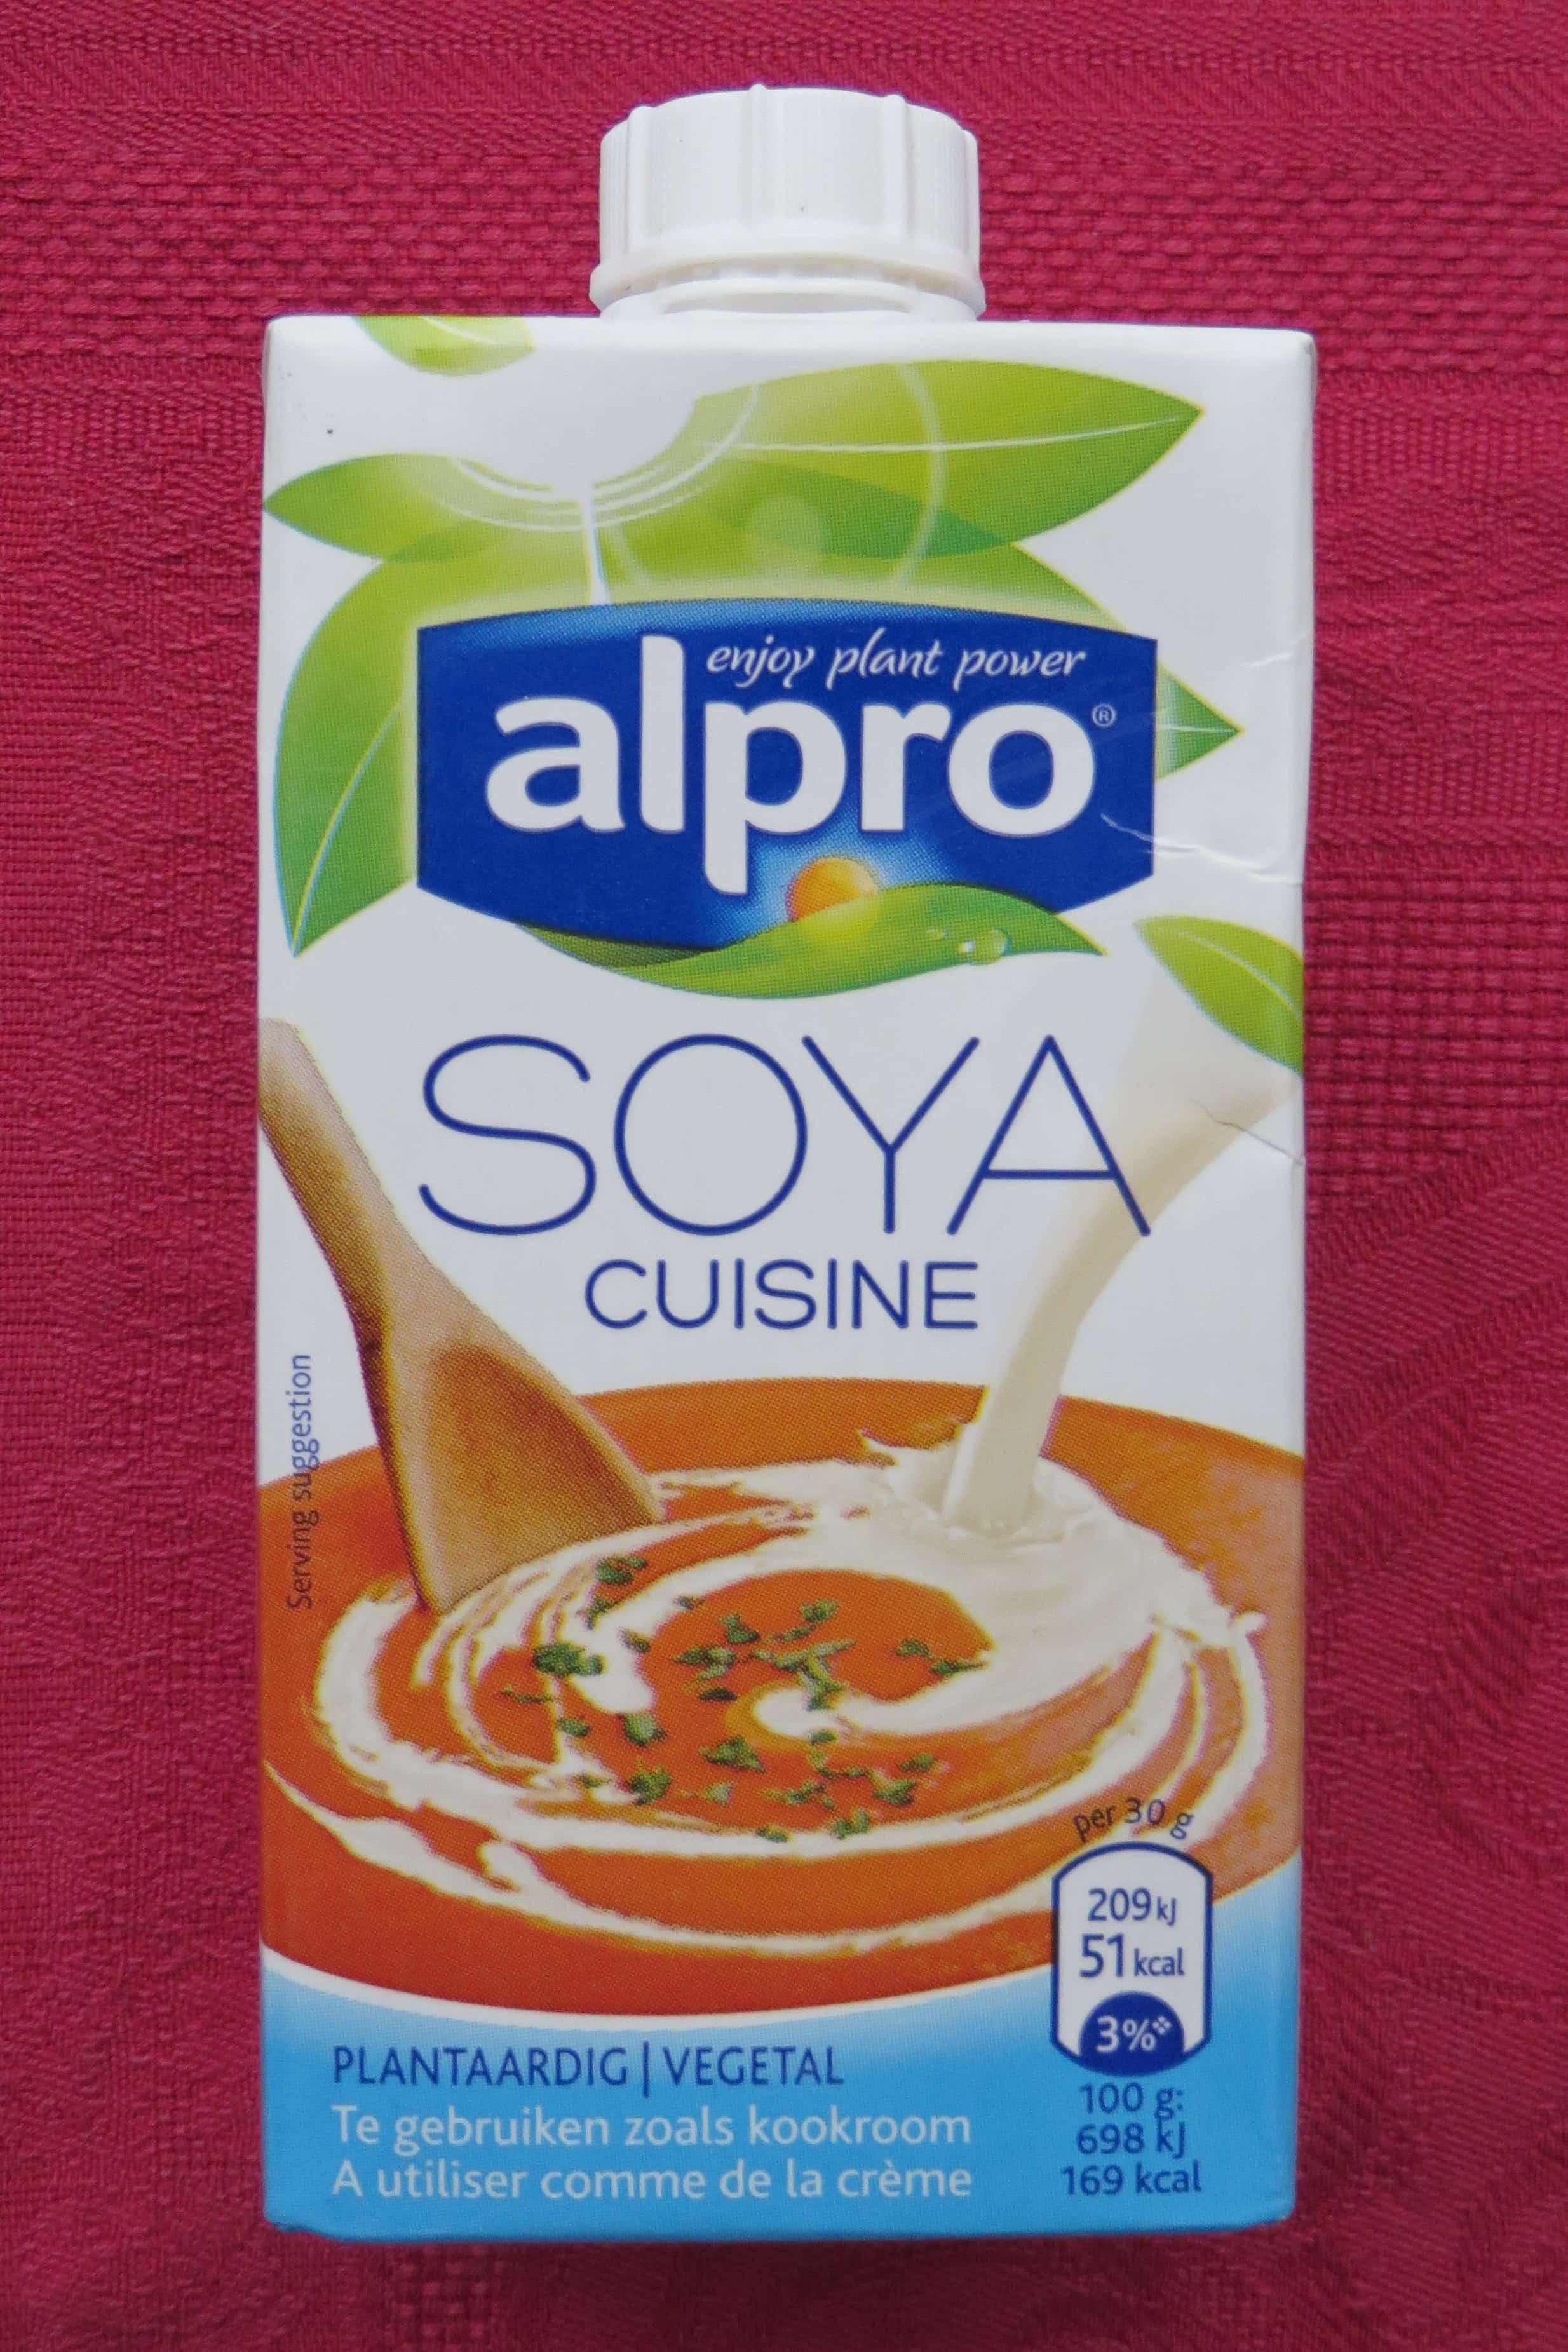 Alpro sojakookroom gewoon vegan for Alpro soja cuisine